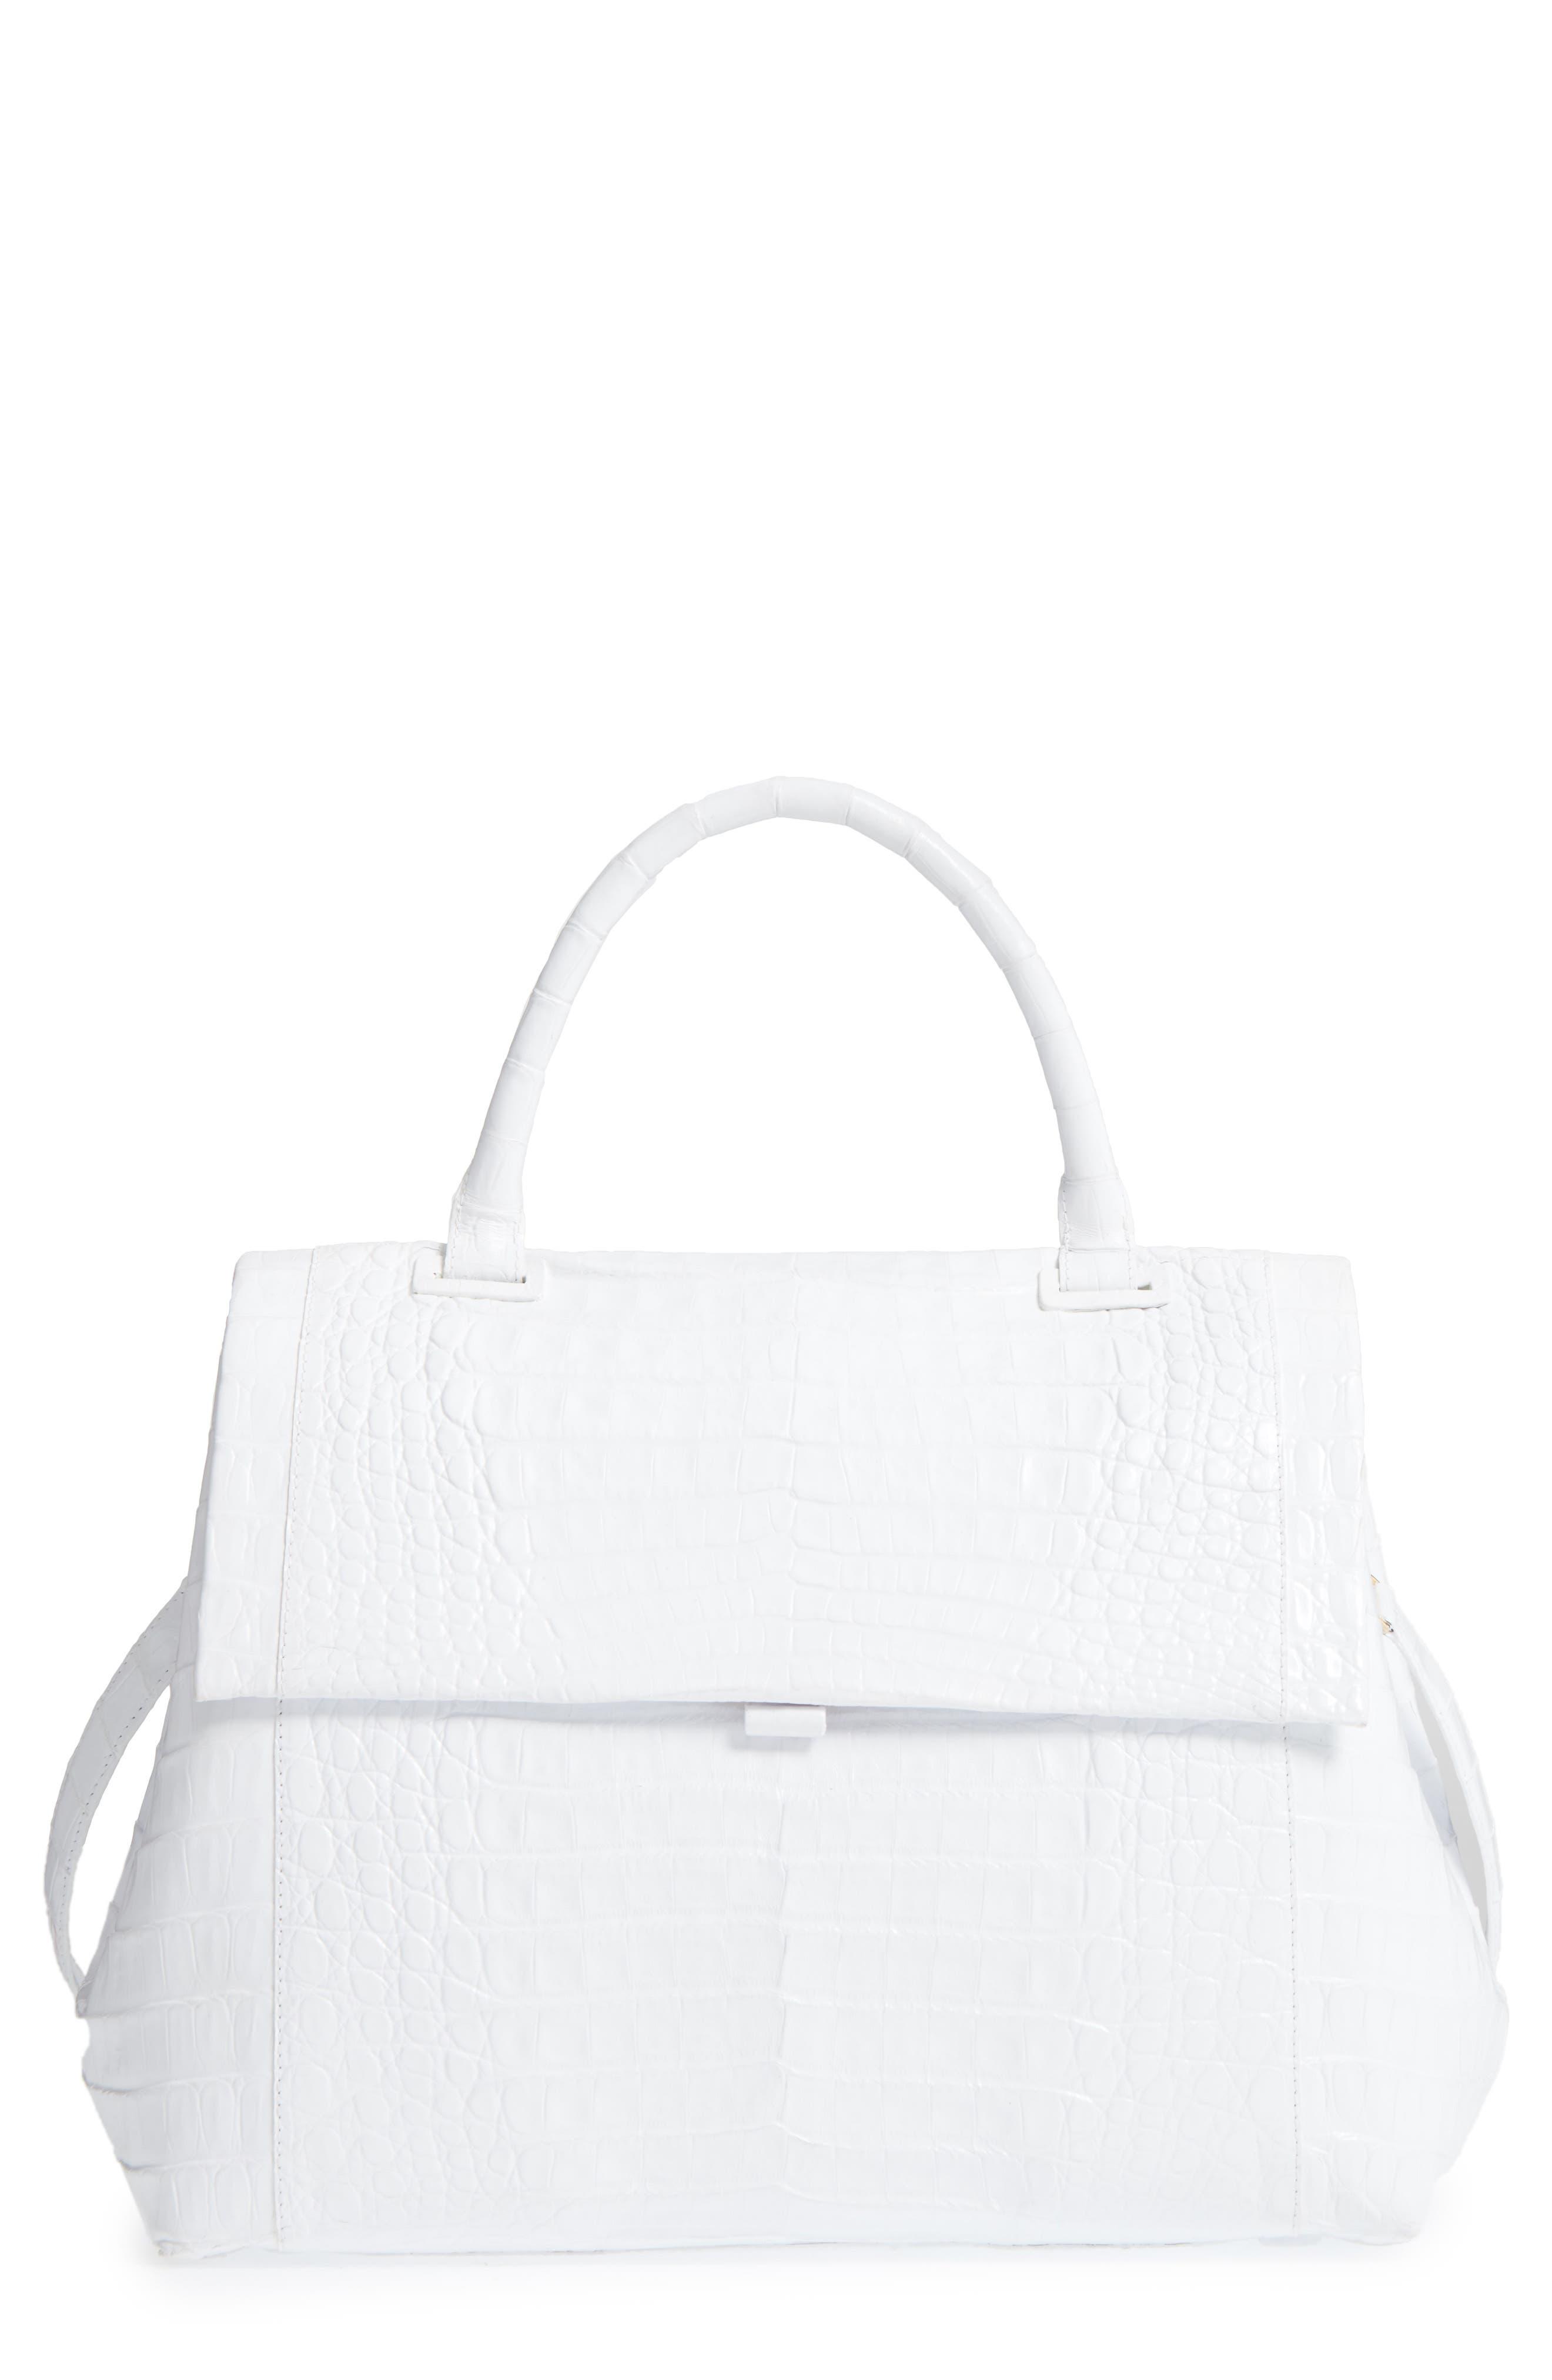 Alternate Image 1 Selected - Nancy Gonzalez Medium Sophie Genuine Crocodile Top Handle Bag